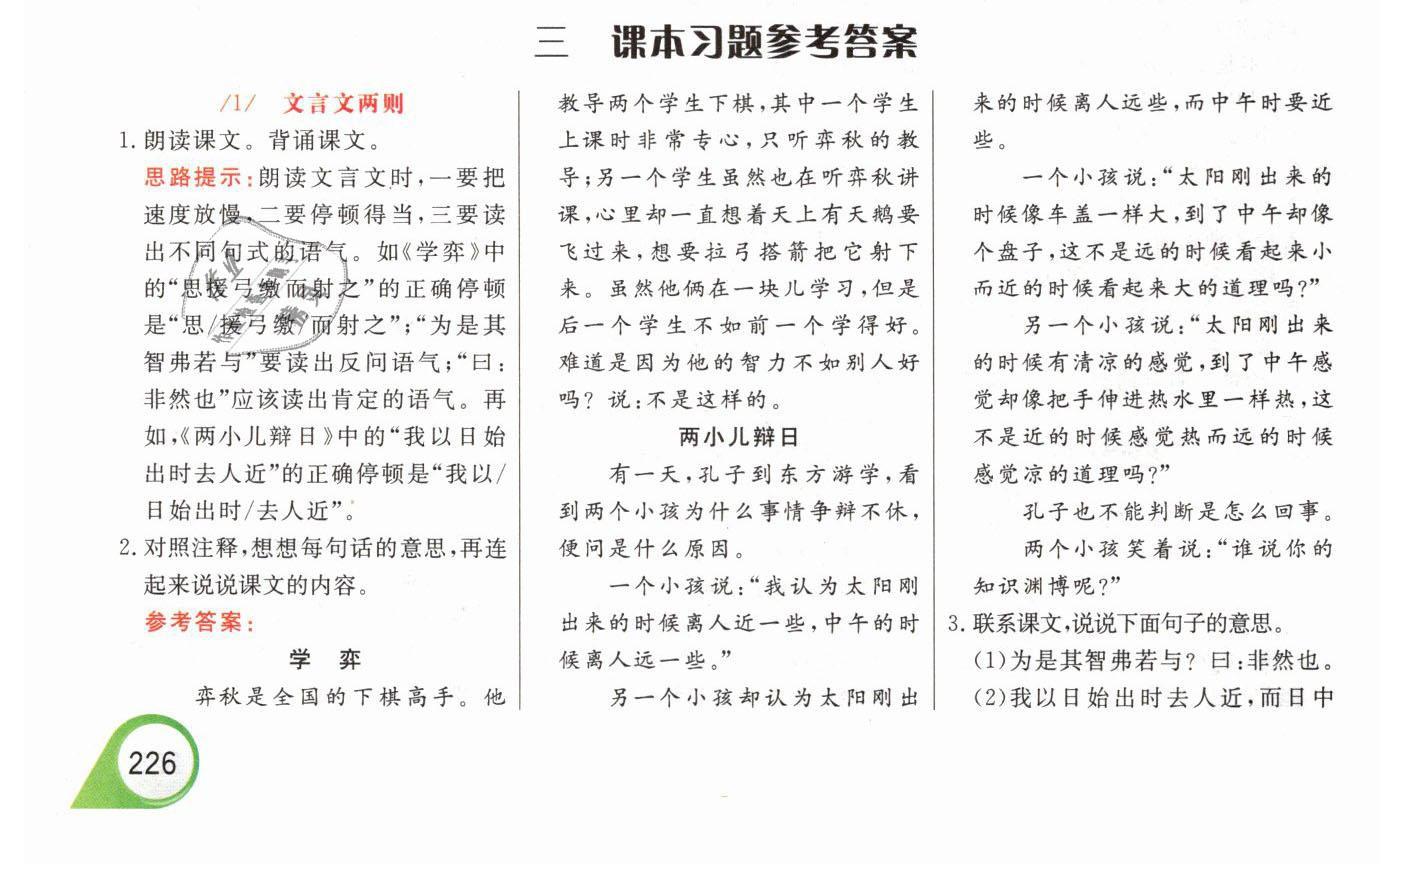 2019年教材课本六年级语文下册人教版第1页